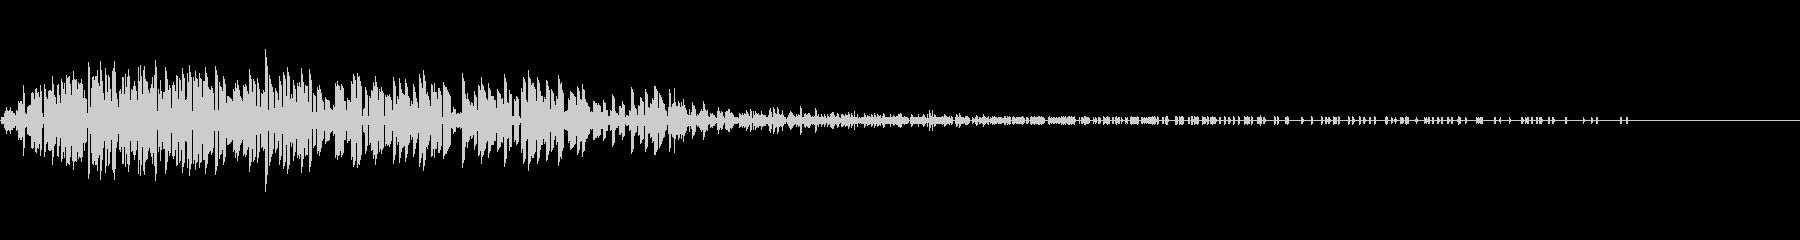 Noise デジタルノイズ 燃える 撃墜の未再生の波形